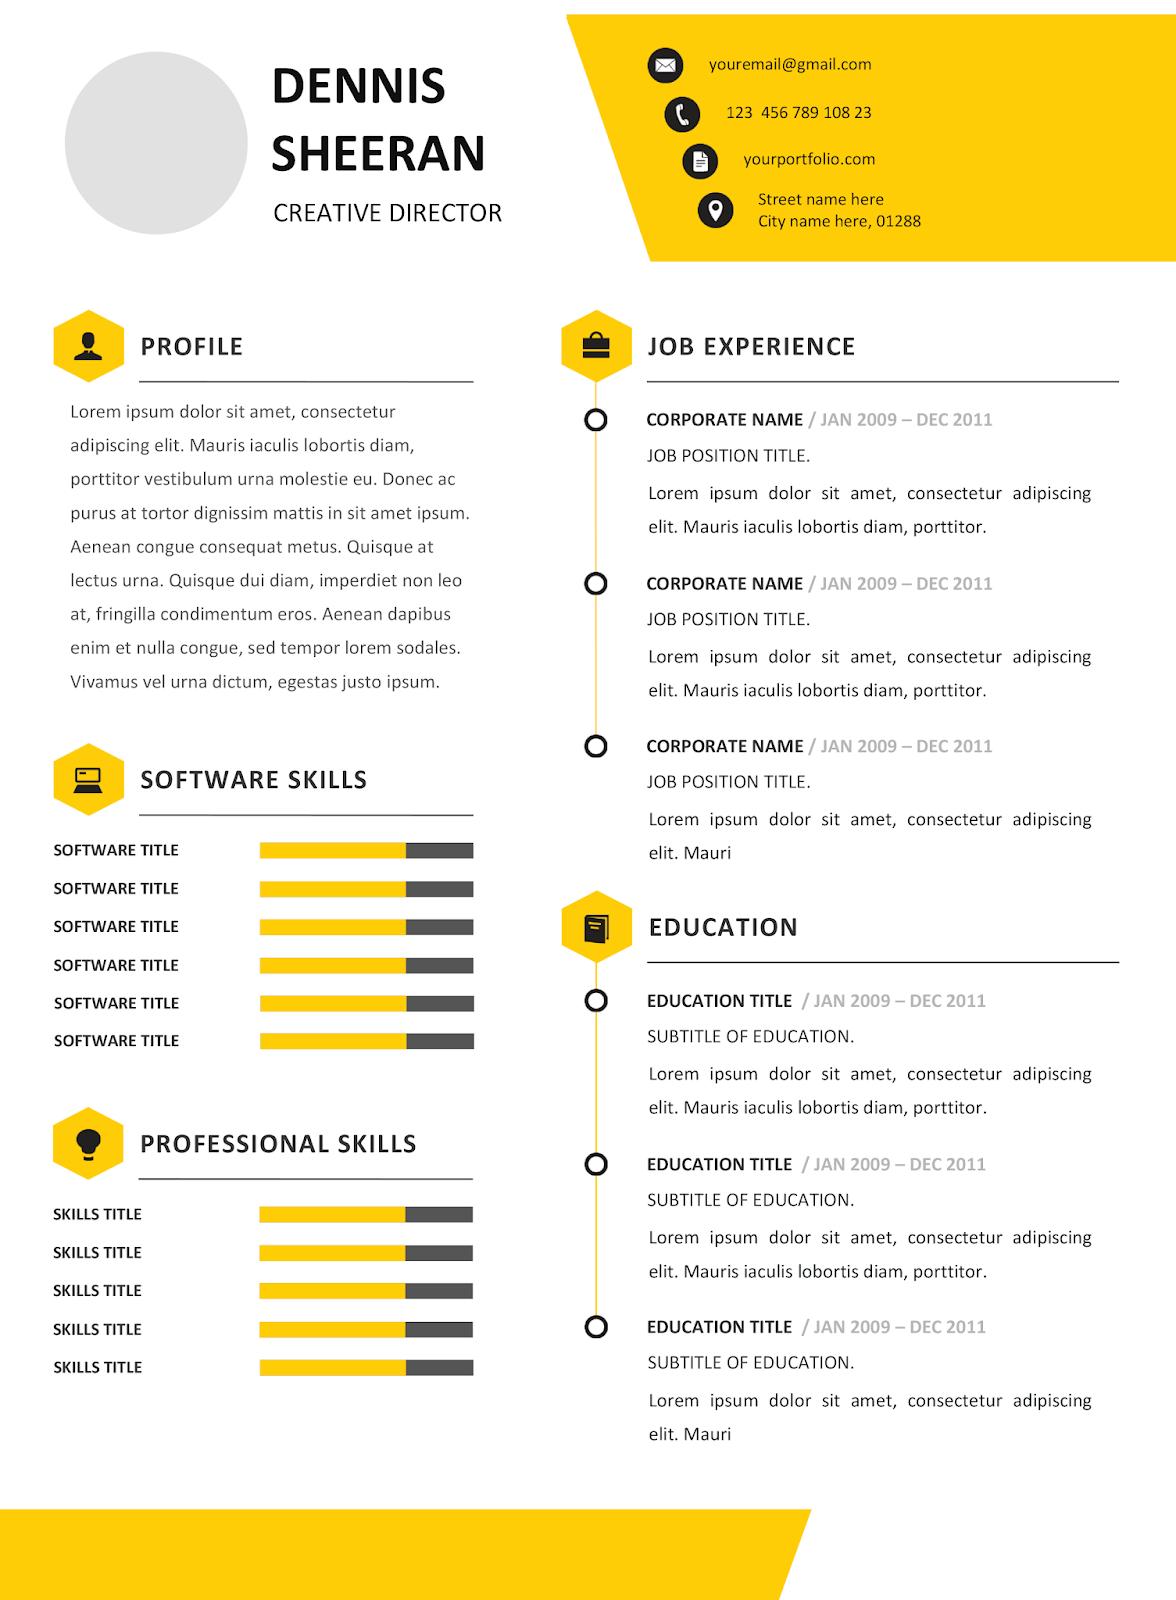 Contoh Resume Terbaik Dan Tips Temuduga Terkini